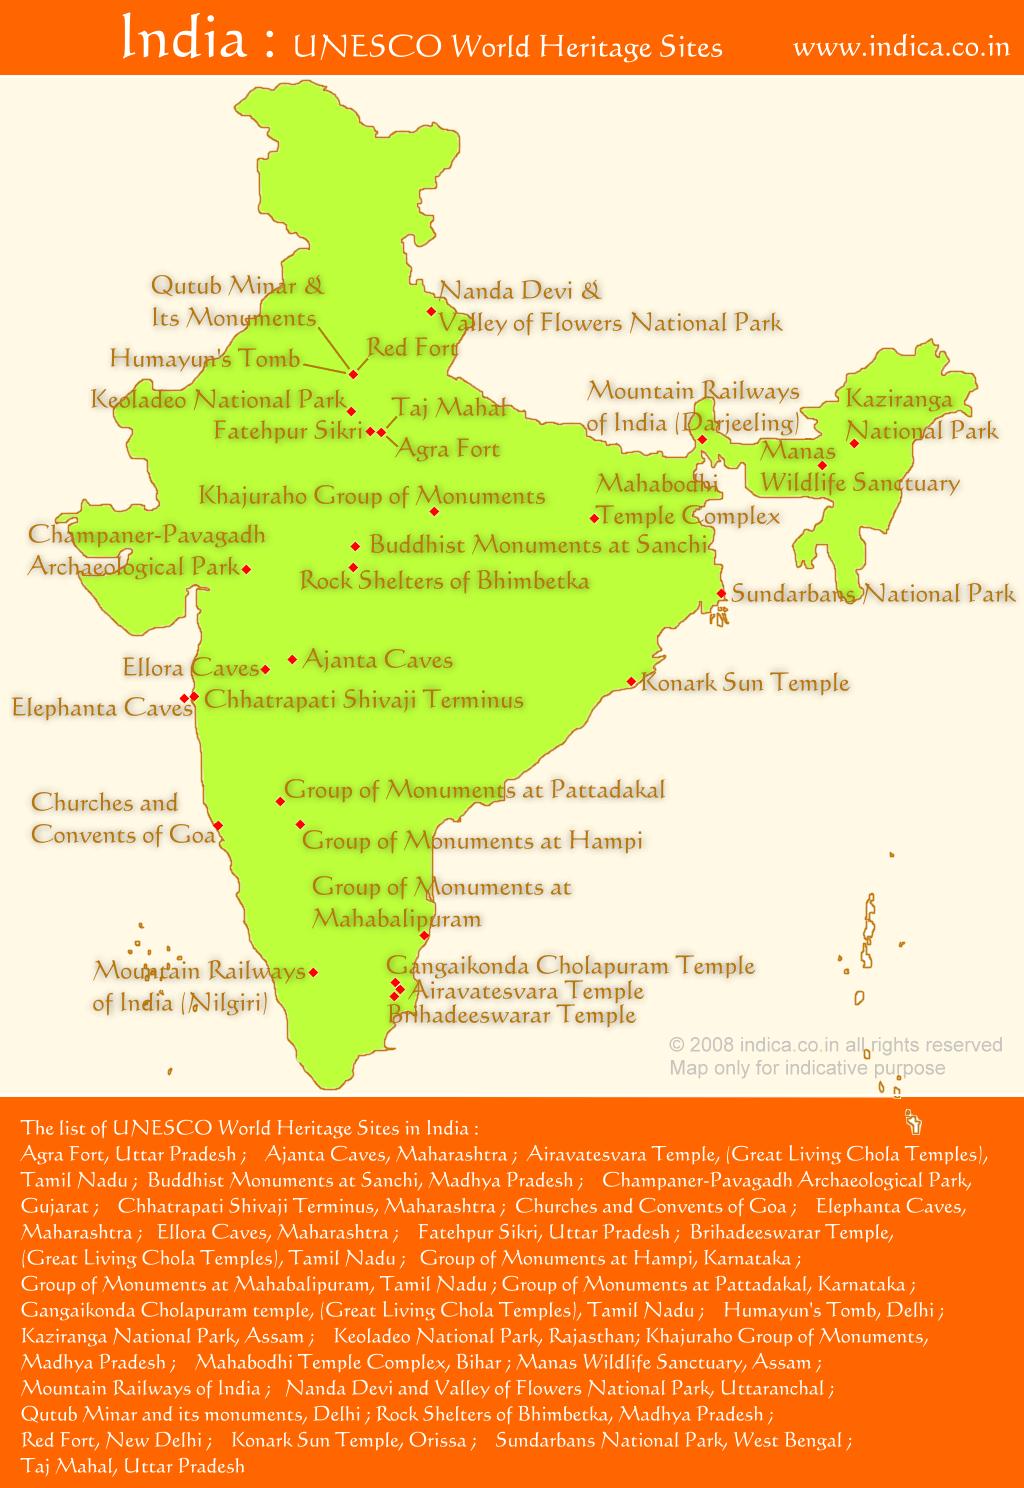 Unesco whs india unesco world heritage sites in india unesco whs india map showing the unesco world heritage sites gumiabroncs Choice Image